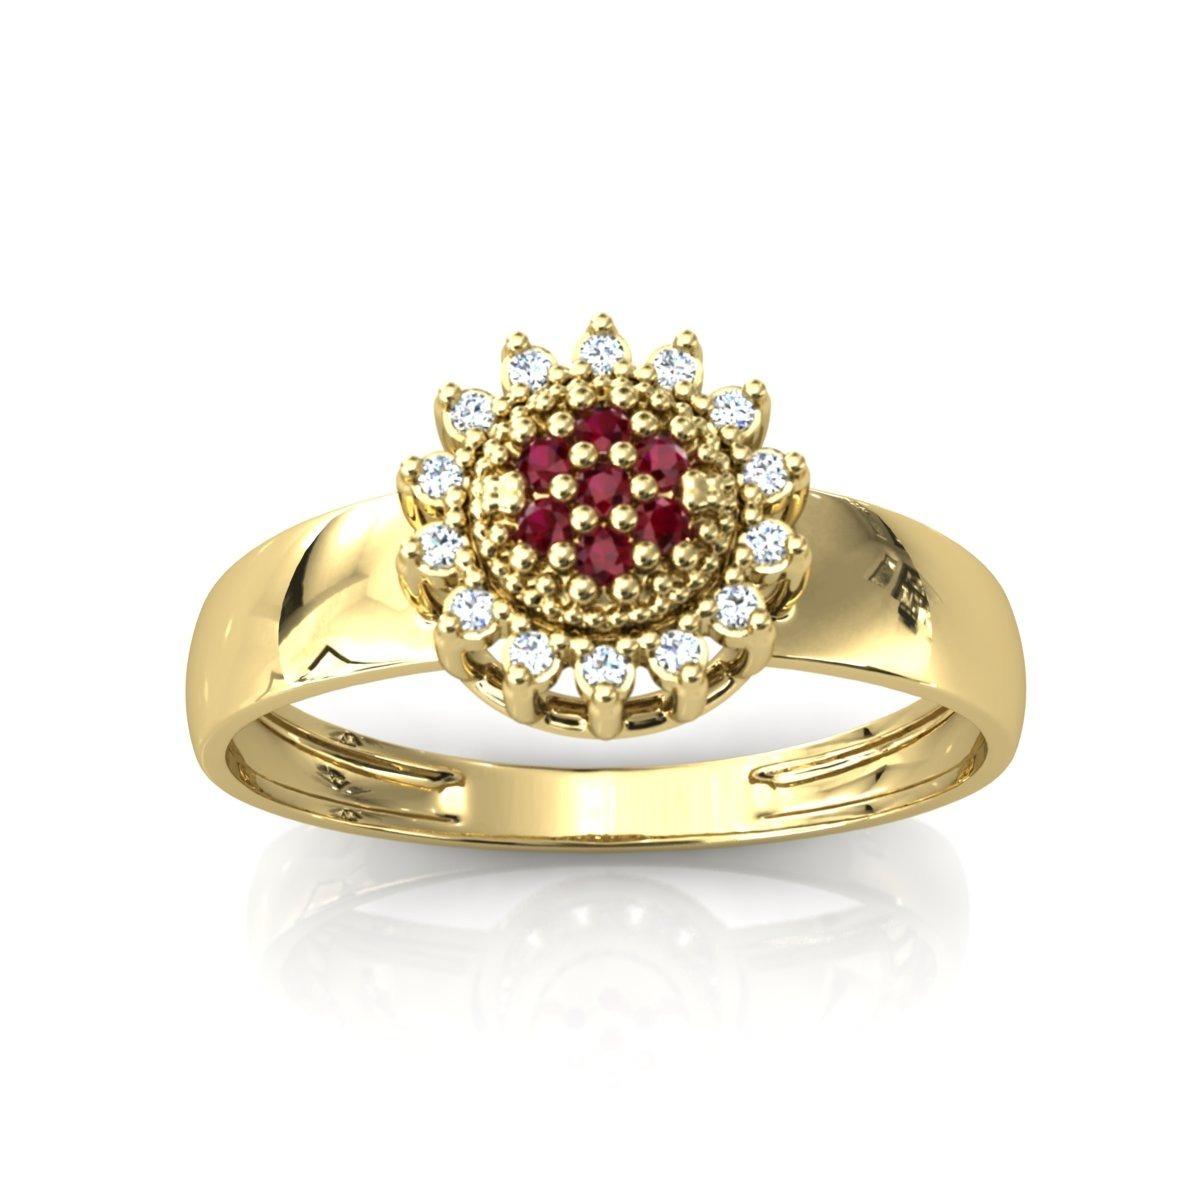 2bab5f96a3f anel formatura centro cravejado redondo ouro 18k zircônia. Carregando zoom.